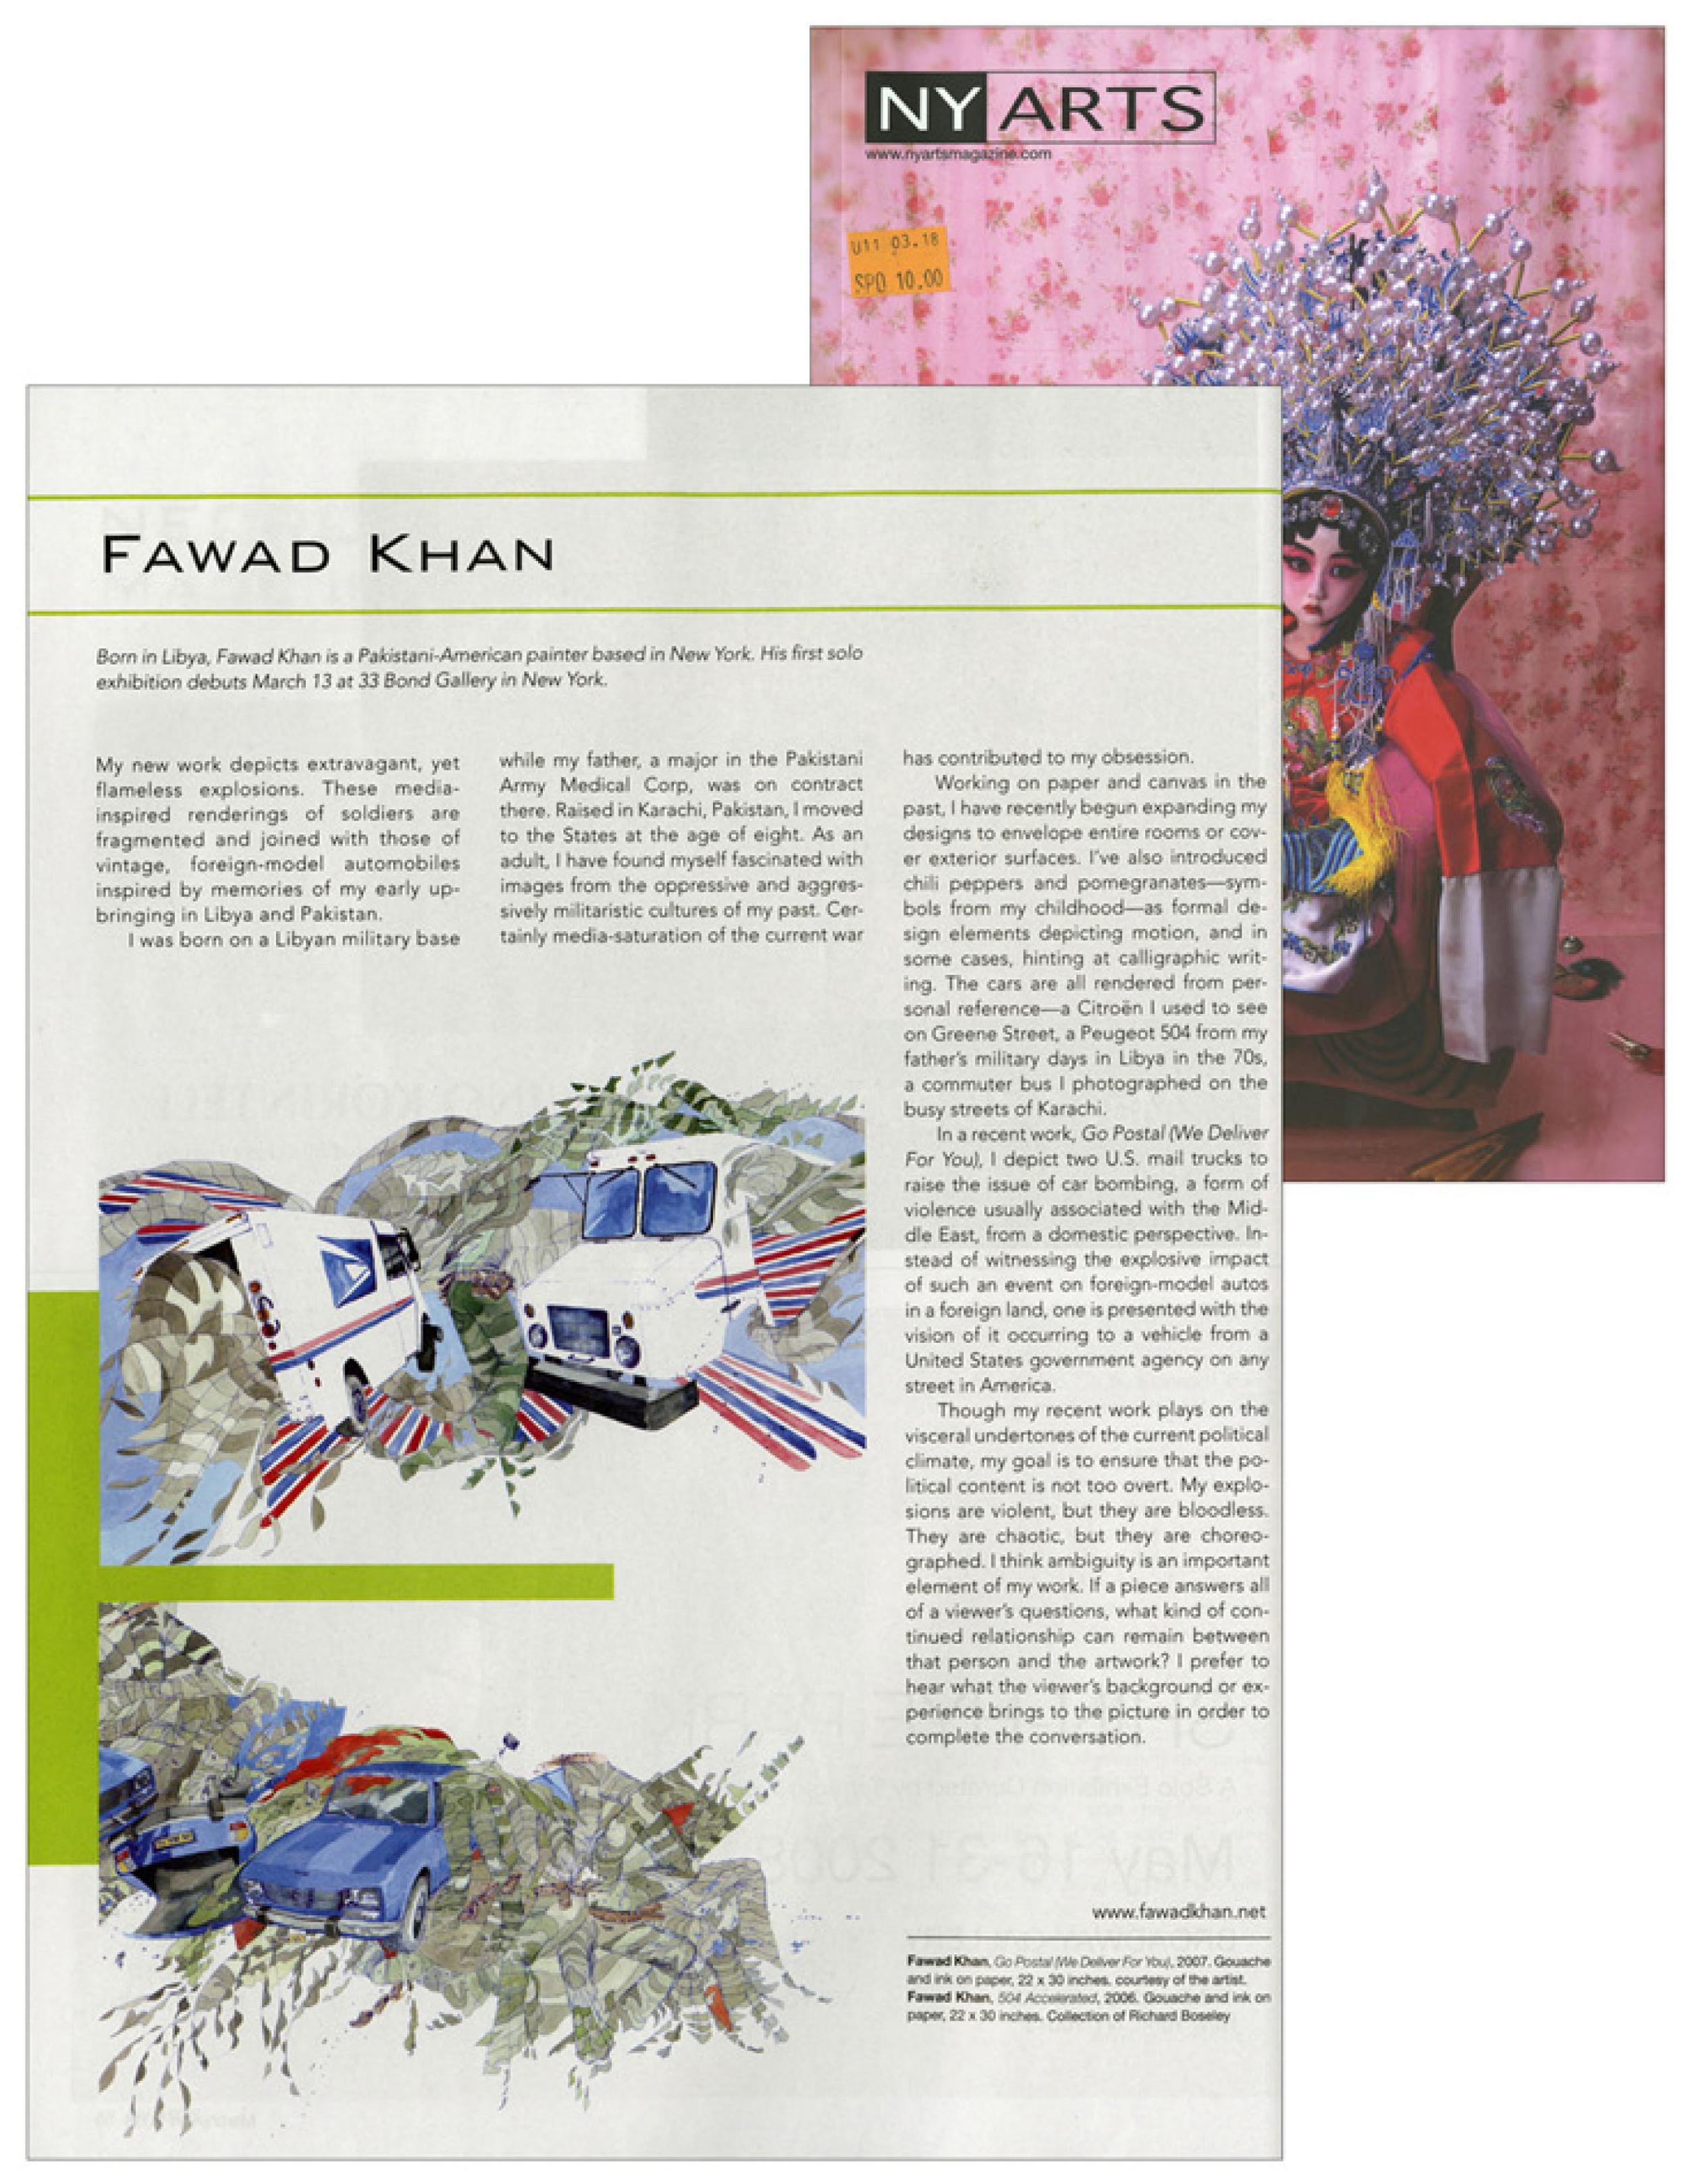 Fawad_Khan_NYArts.jpg